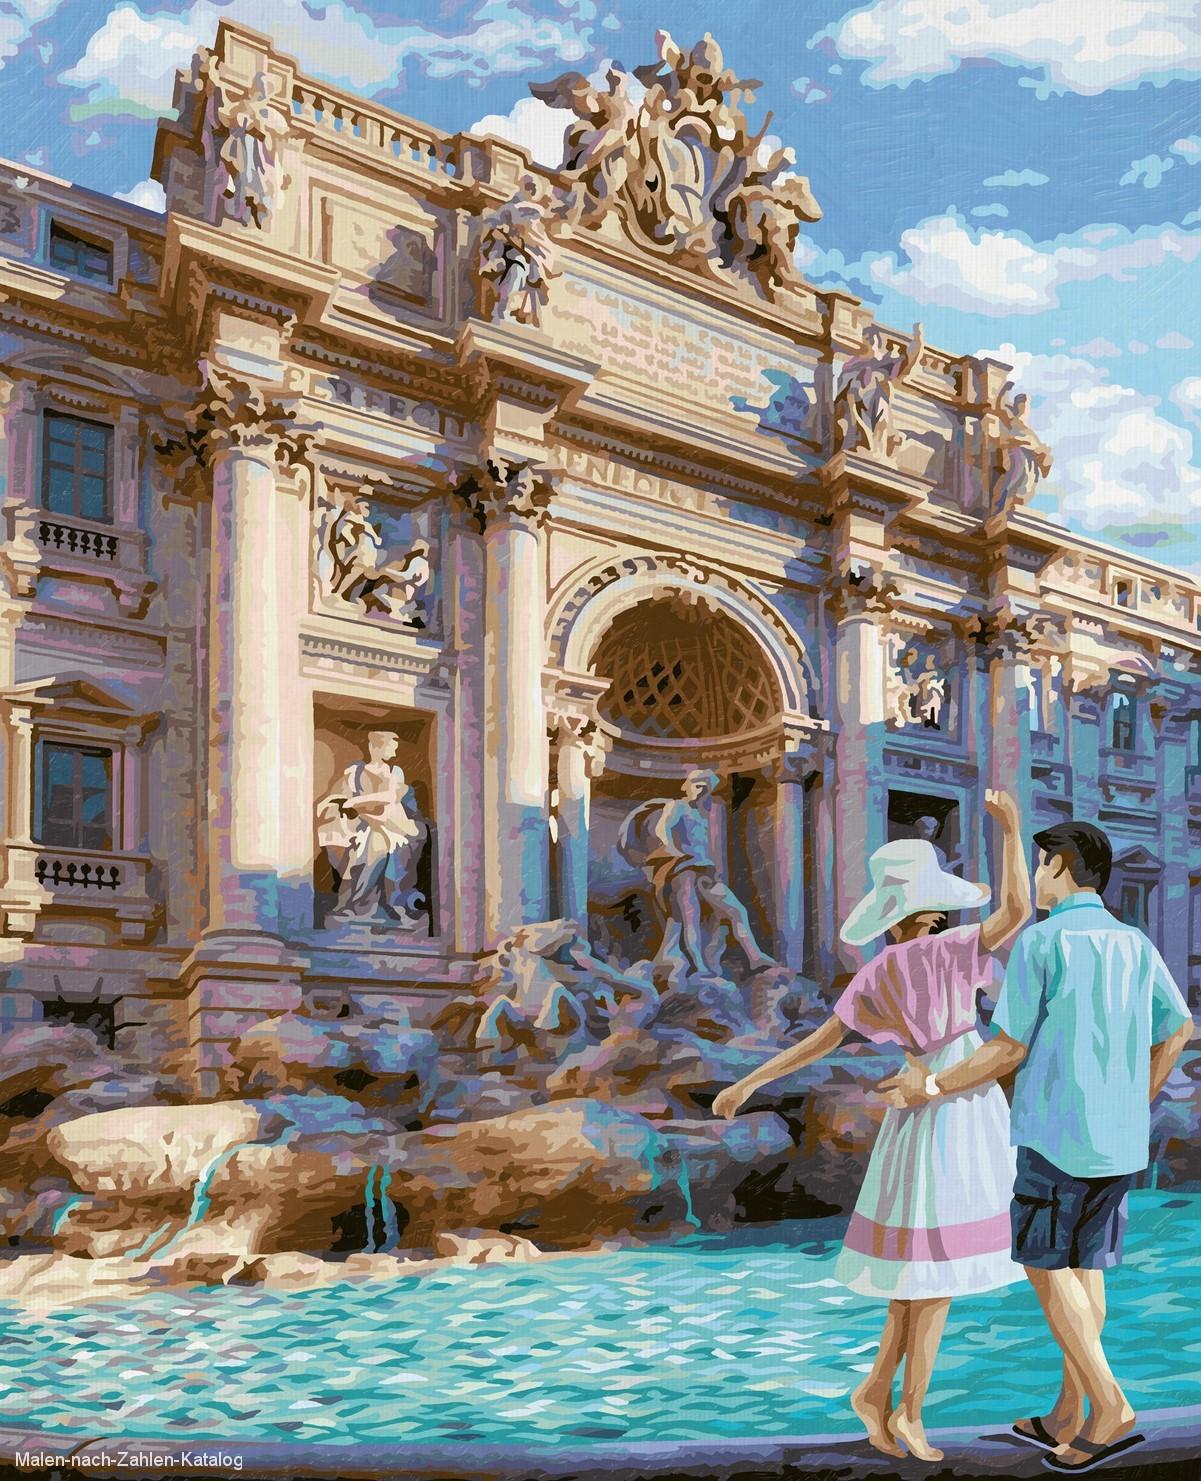 Schipper Malen nach Zahlen Premium 40 x 50 cm - Fontana di Trevi in Rom